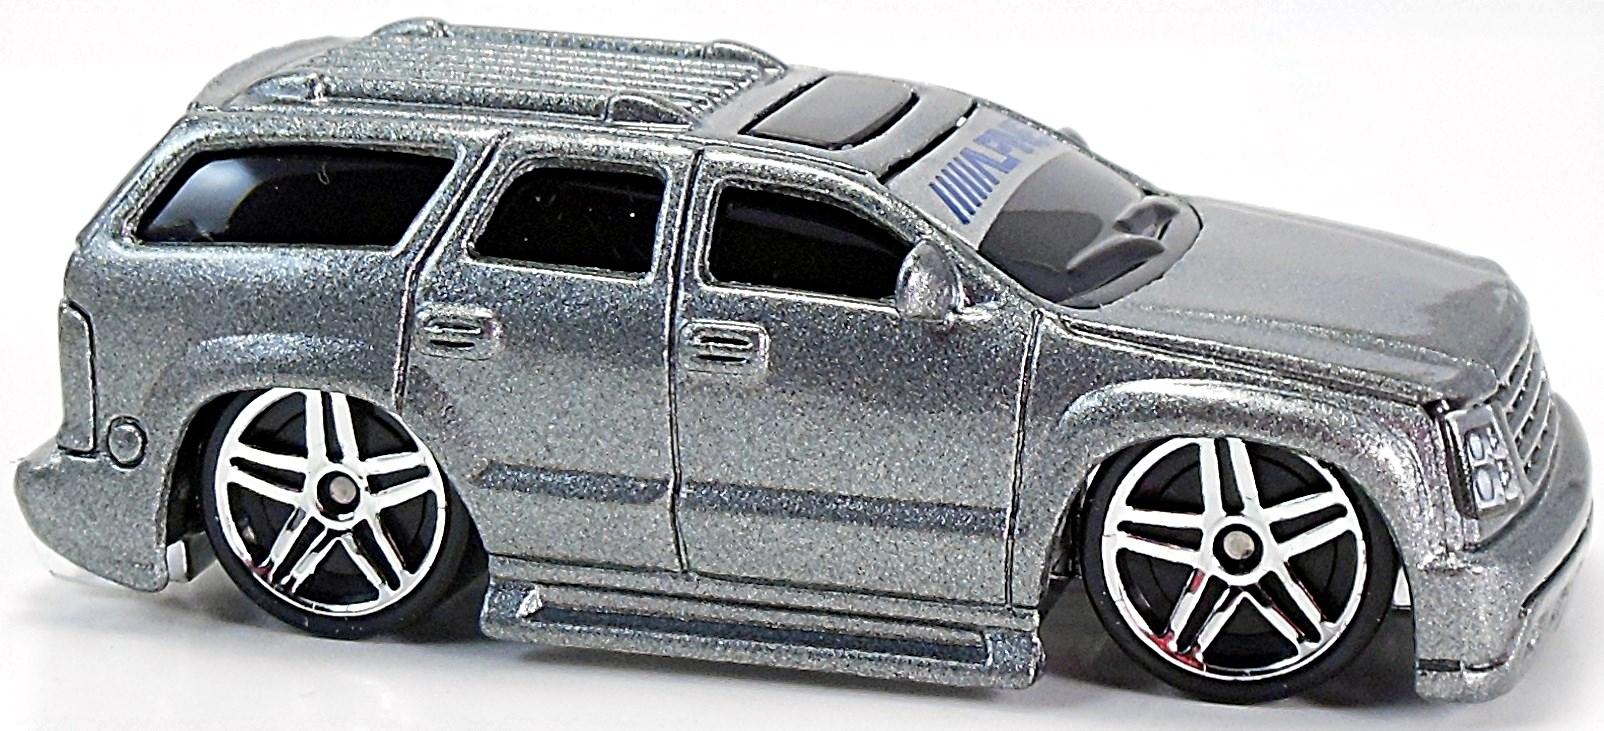 Cadillac Escalade (Blings) - 73mm - 2003 | Hot Wheels ...